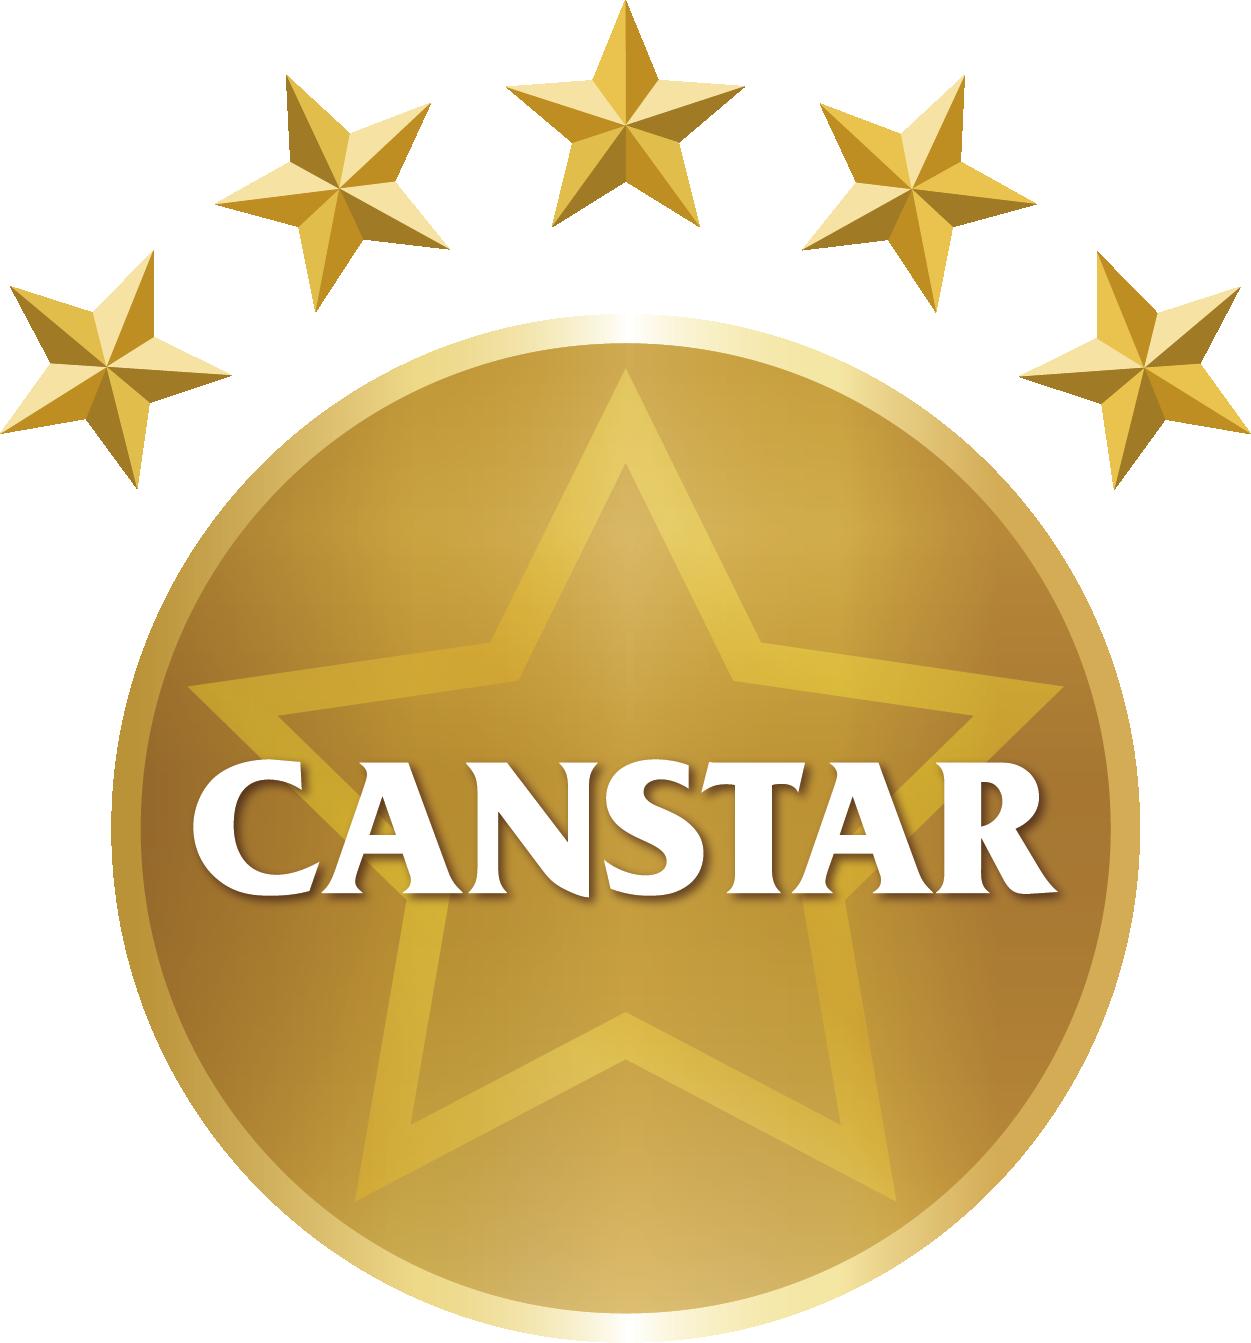 canstar.com.au